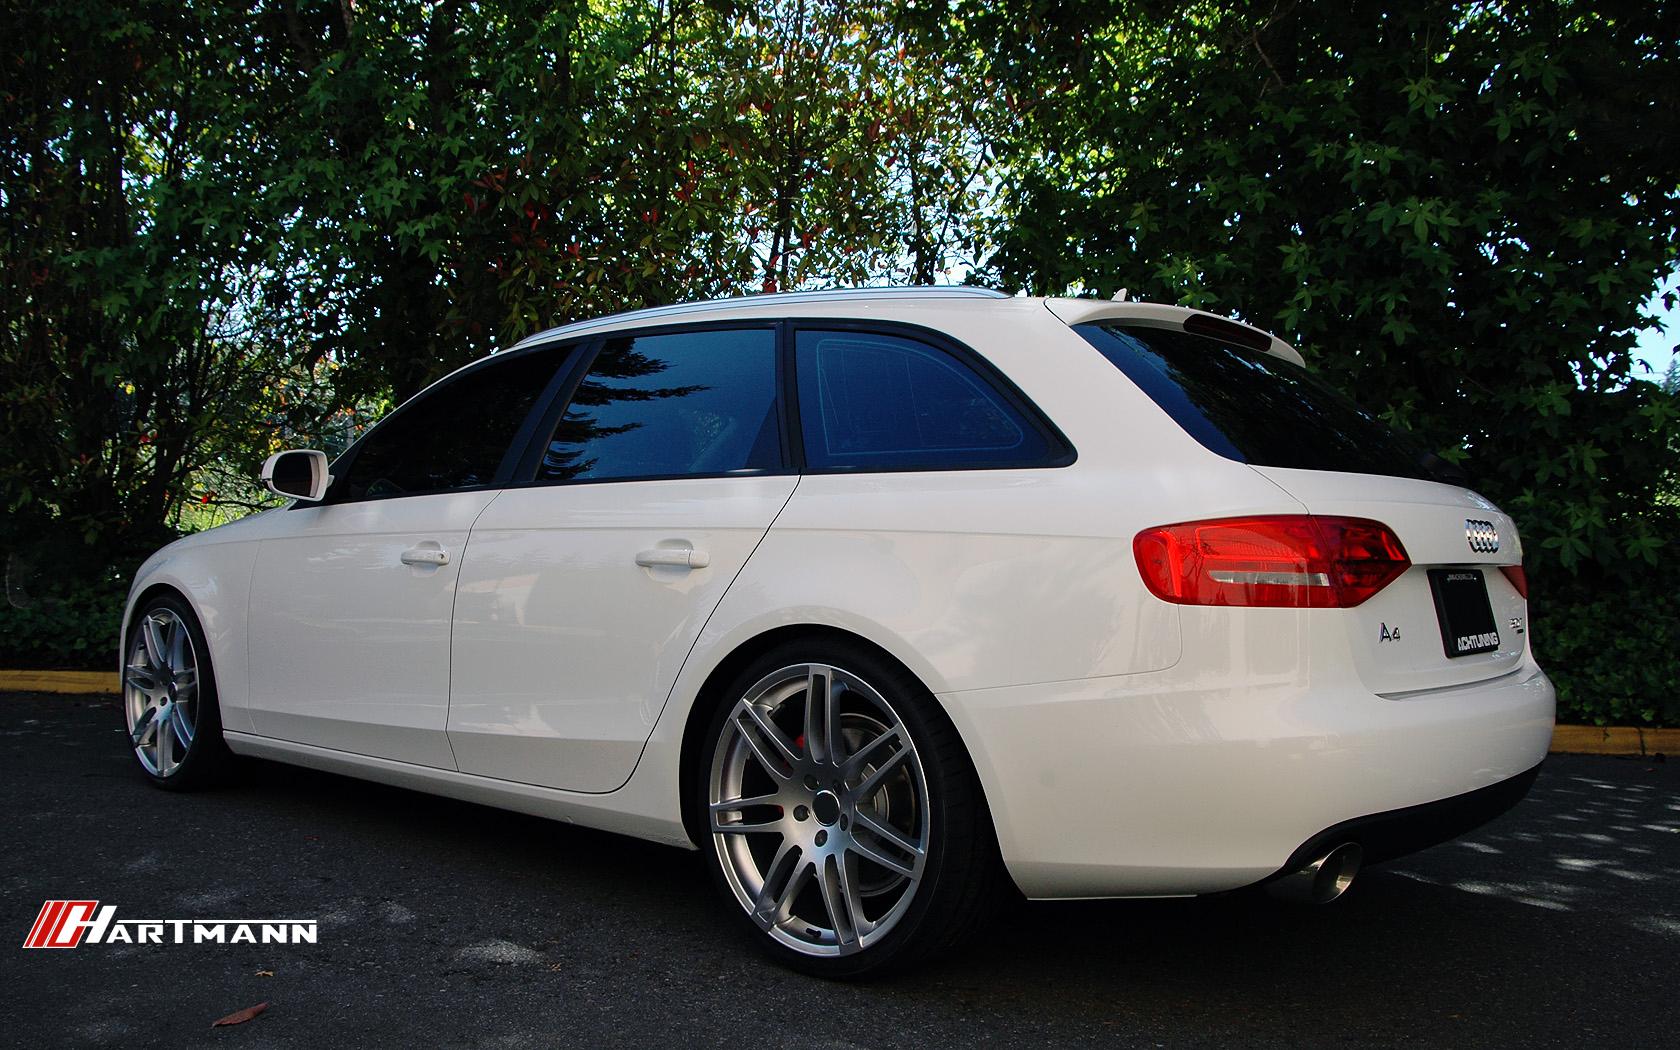 Audi b8 a4 hartmann wheels hrs4 252 gs 20 ks1 hwm